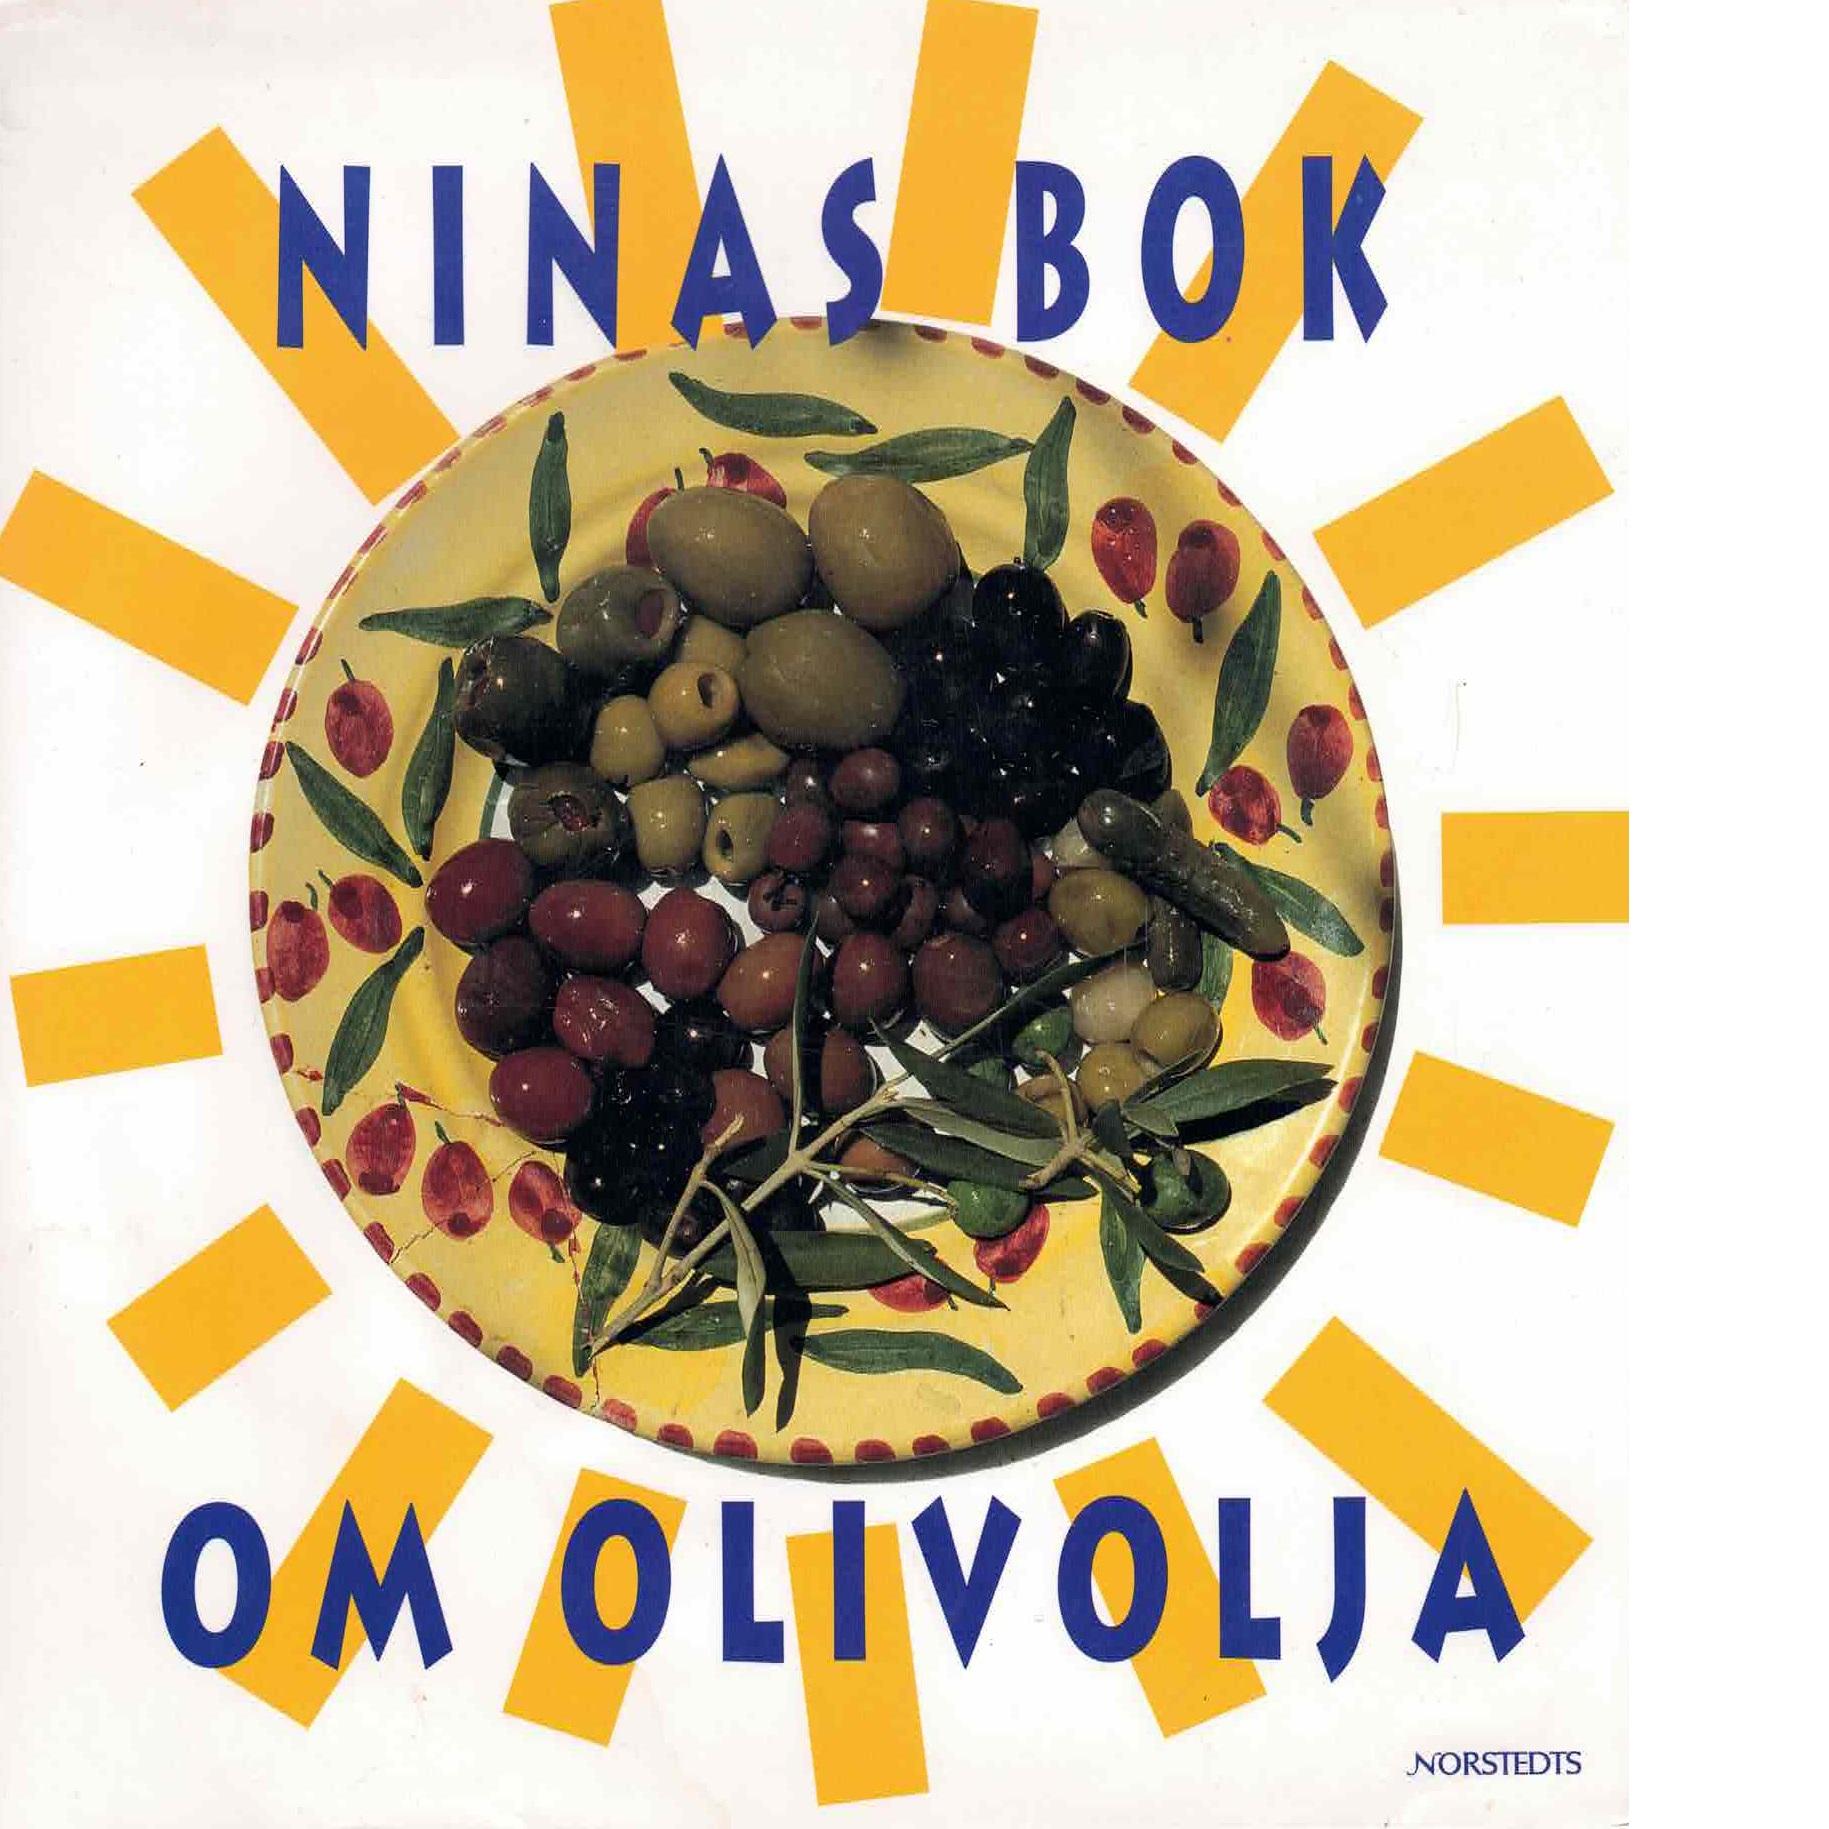 Ninas bok om olivolja - Yunkers, Nina